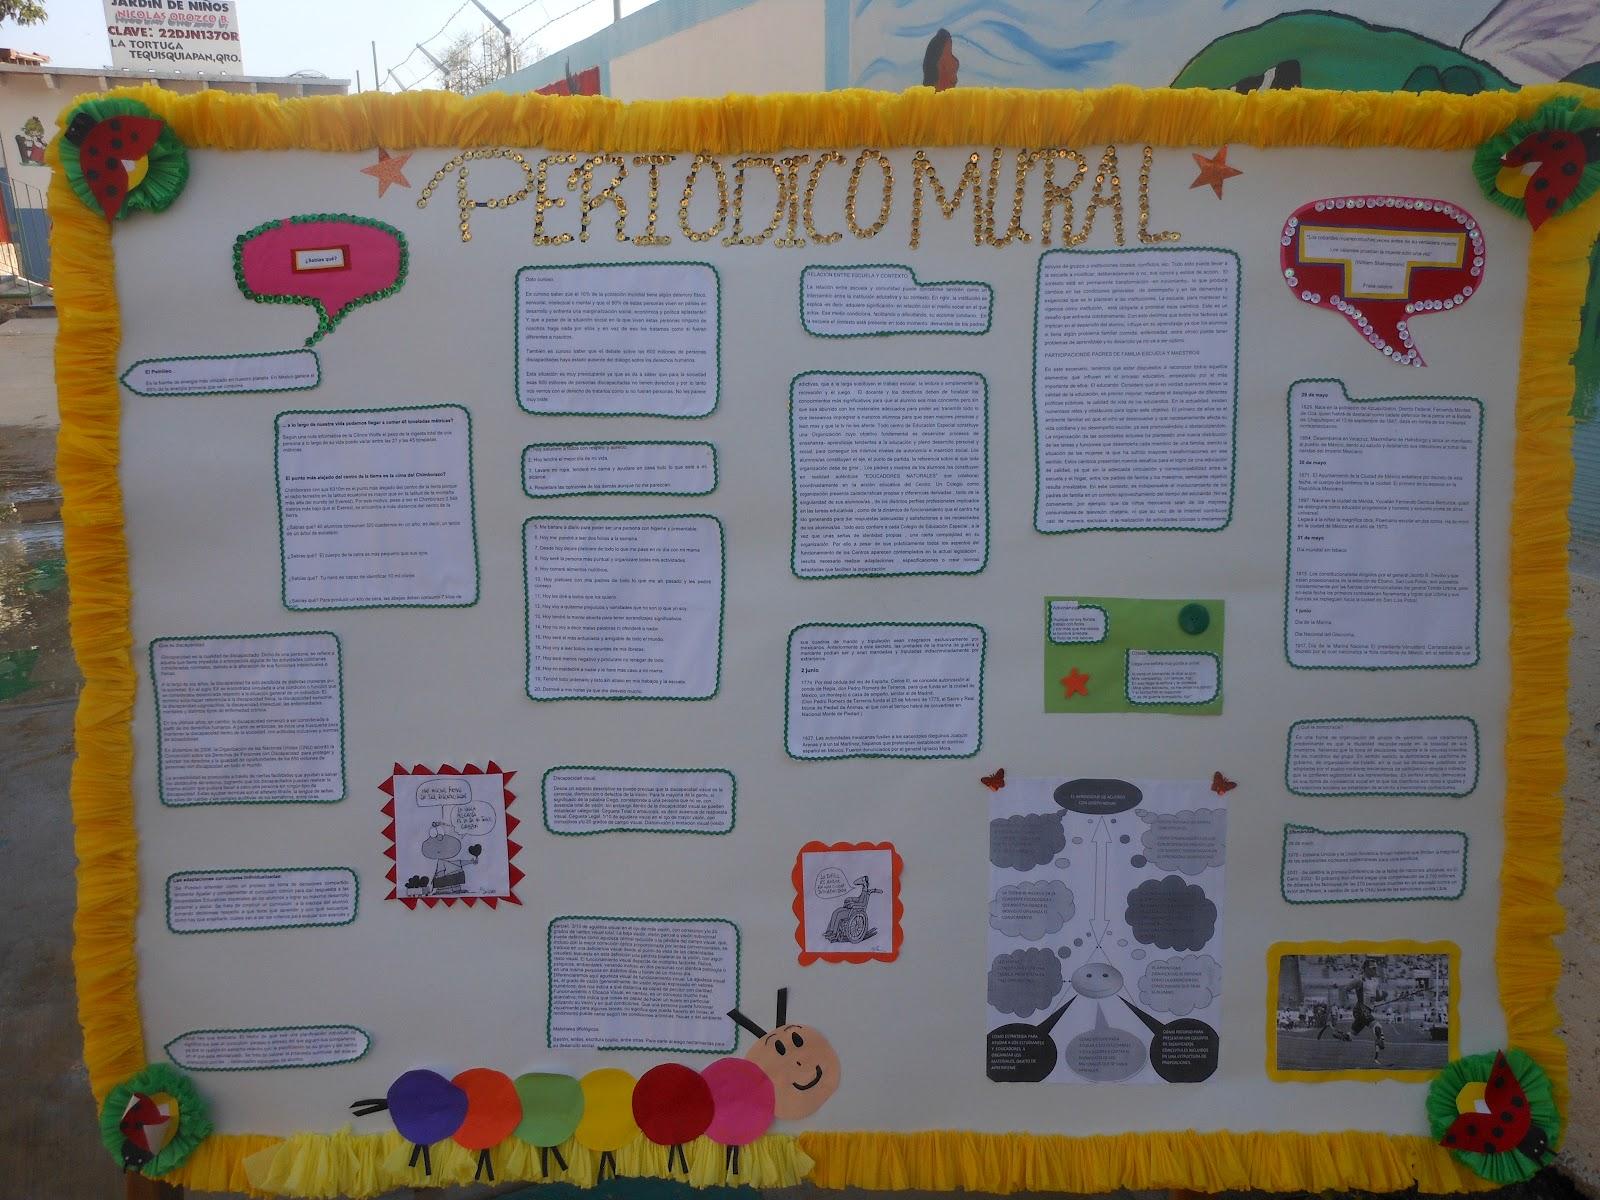 Observaci n del proceso escolar junio 2012 for Elementos del periodico mural